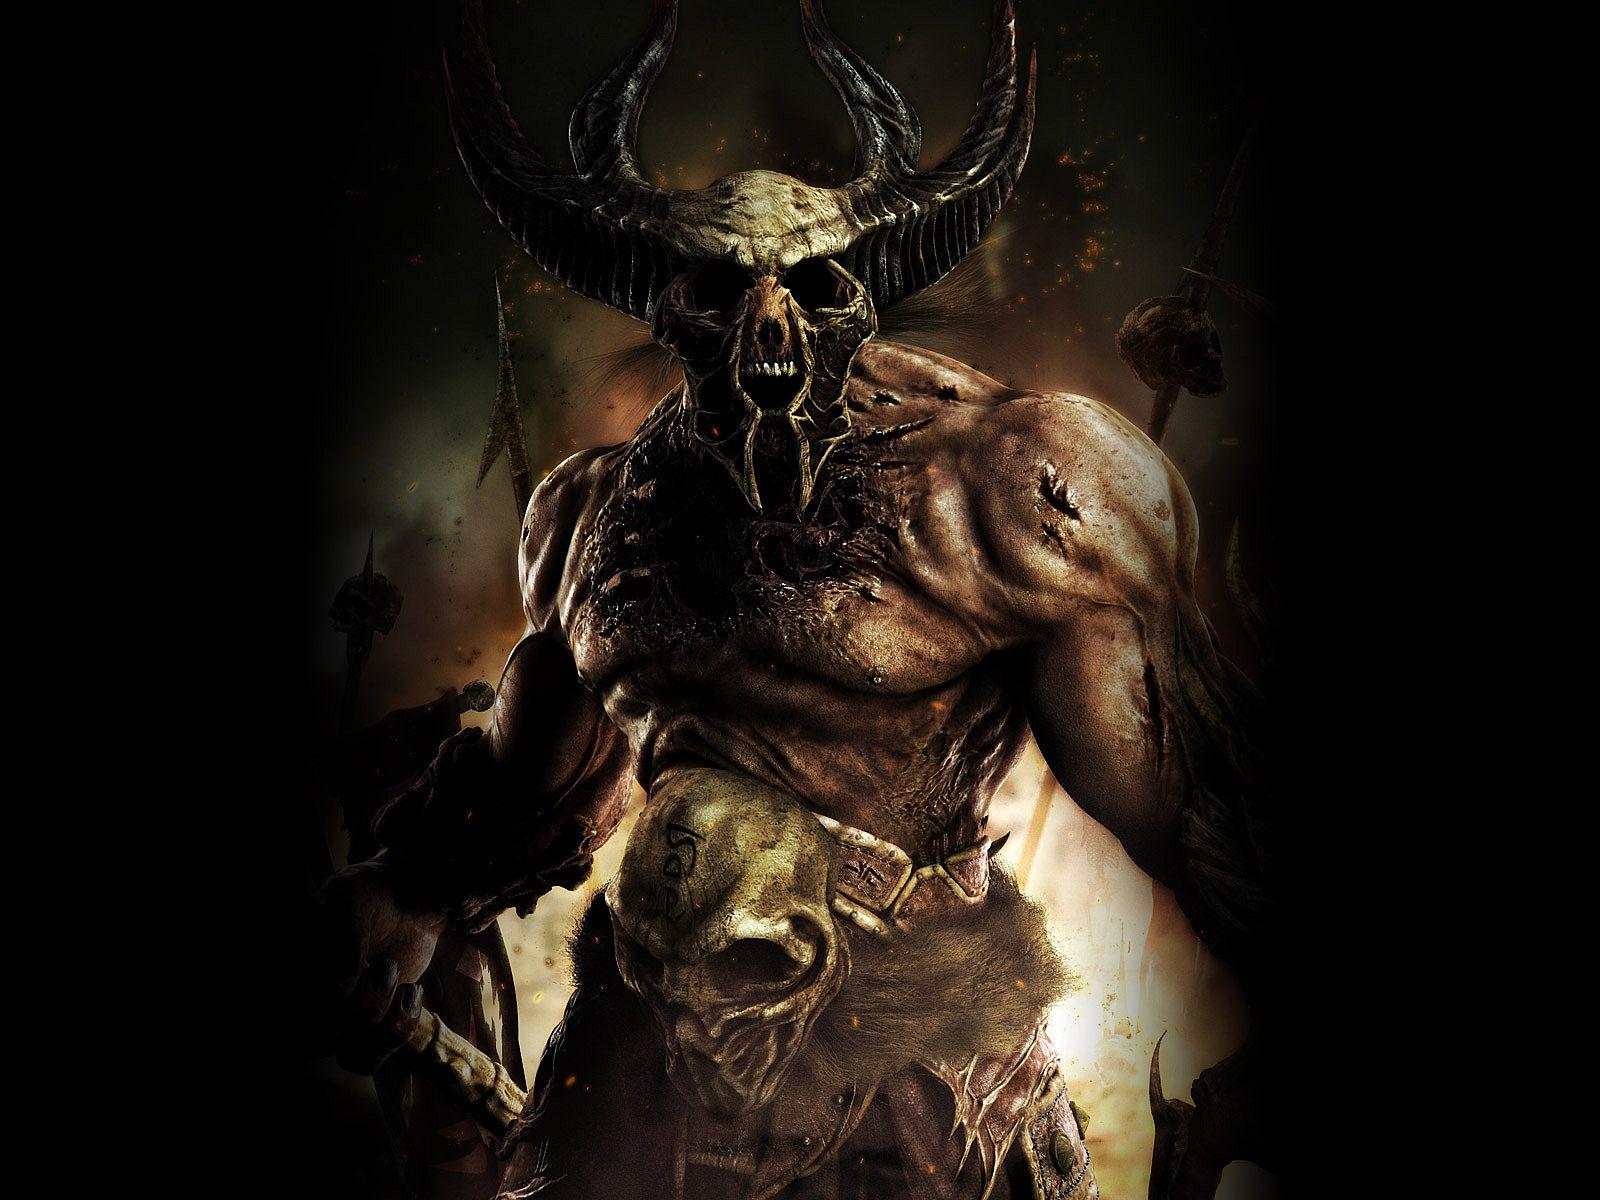 Demons fantasy wallpapers demons fantasy voltagebd Gallery